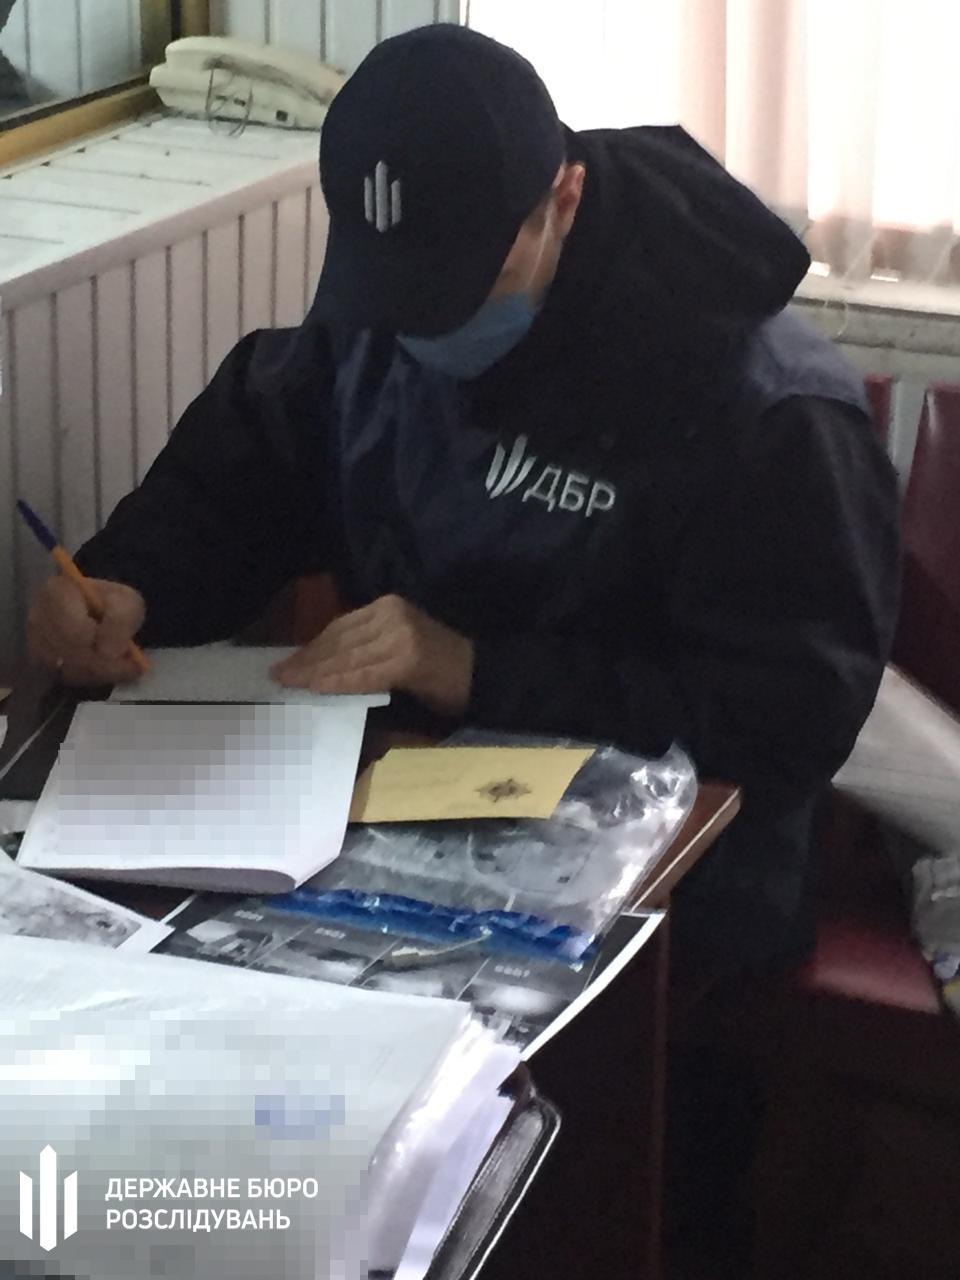 ДБР розслідує злочин / Фото dbr.gov.ua